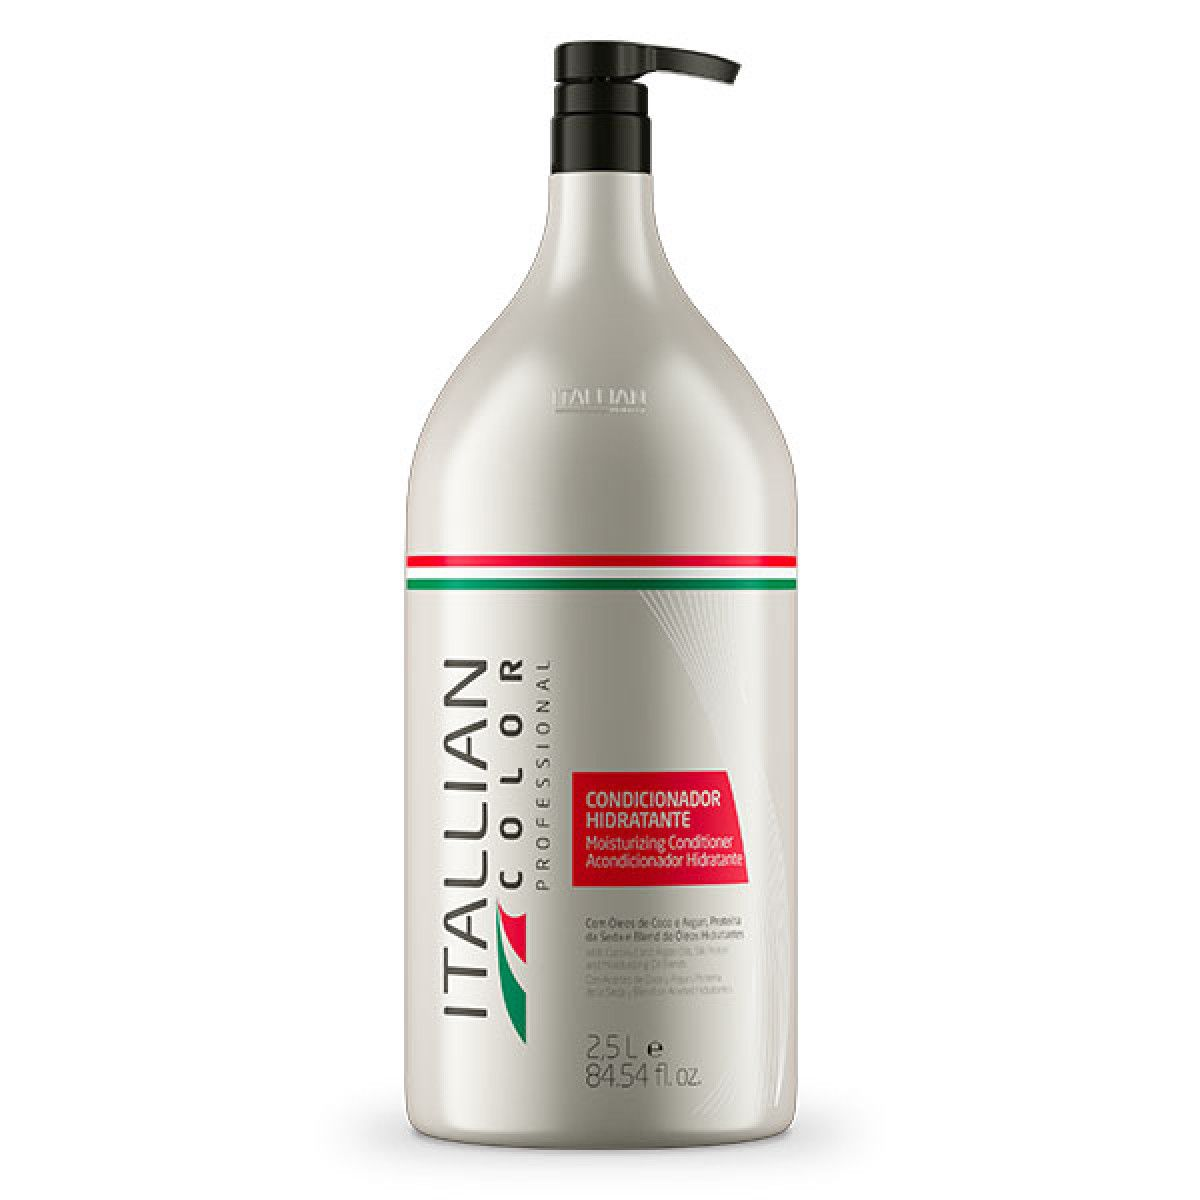 Shampoo e Condicionador De Lavatório Itallian Color 2,5L